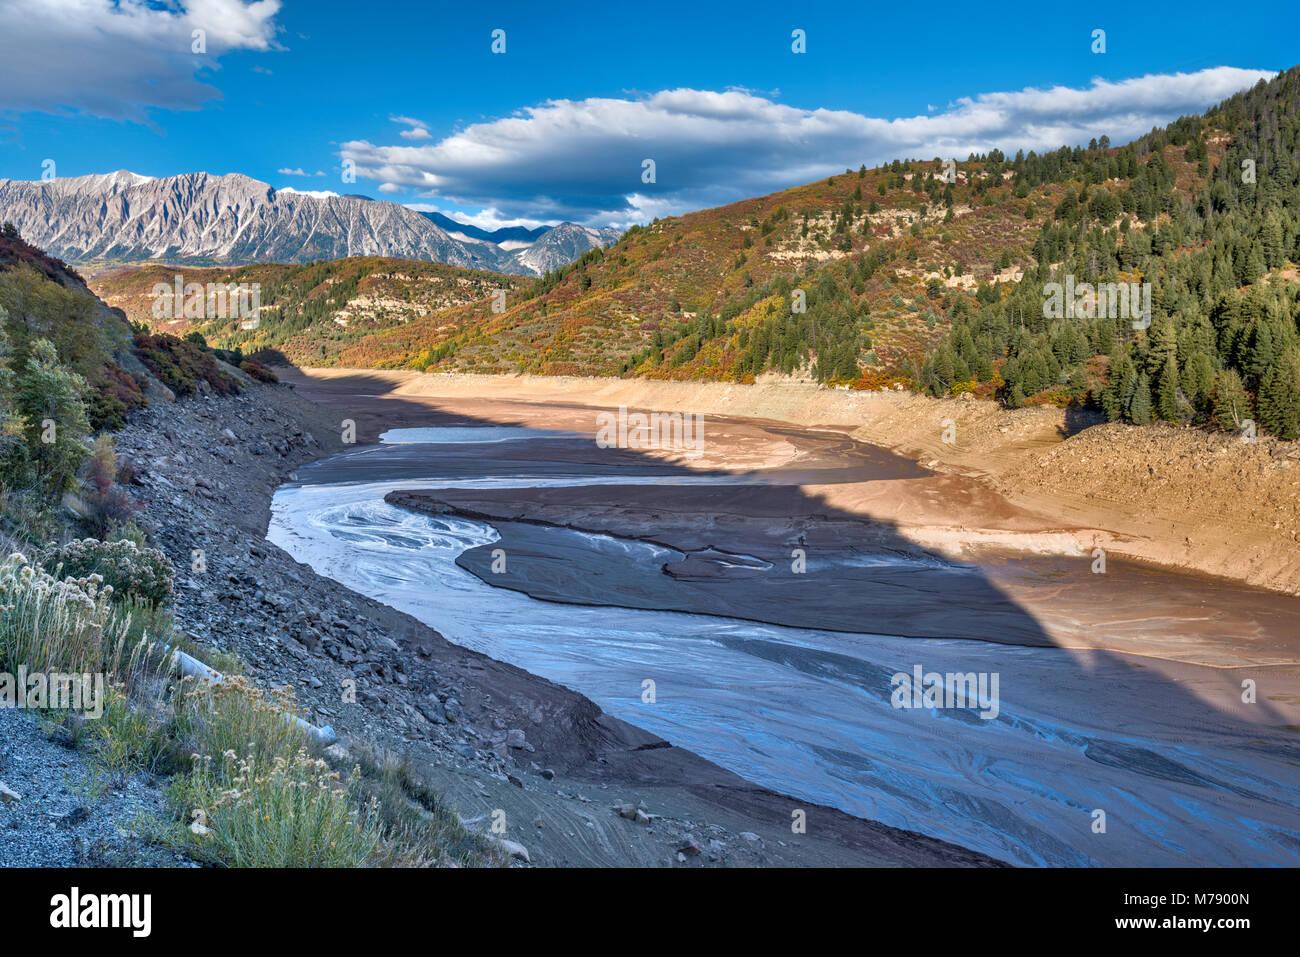 Vaciado del depósito Paonia, sobre fangosas Creek, en octubre de 2013, extremadamente bajos niveles de agua debido al proyecto, West Elk Mountains, Colorado, EE.UU. Foto de stock